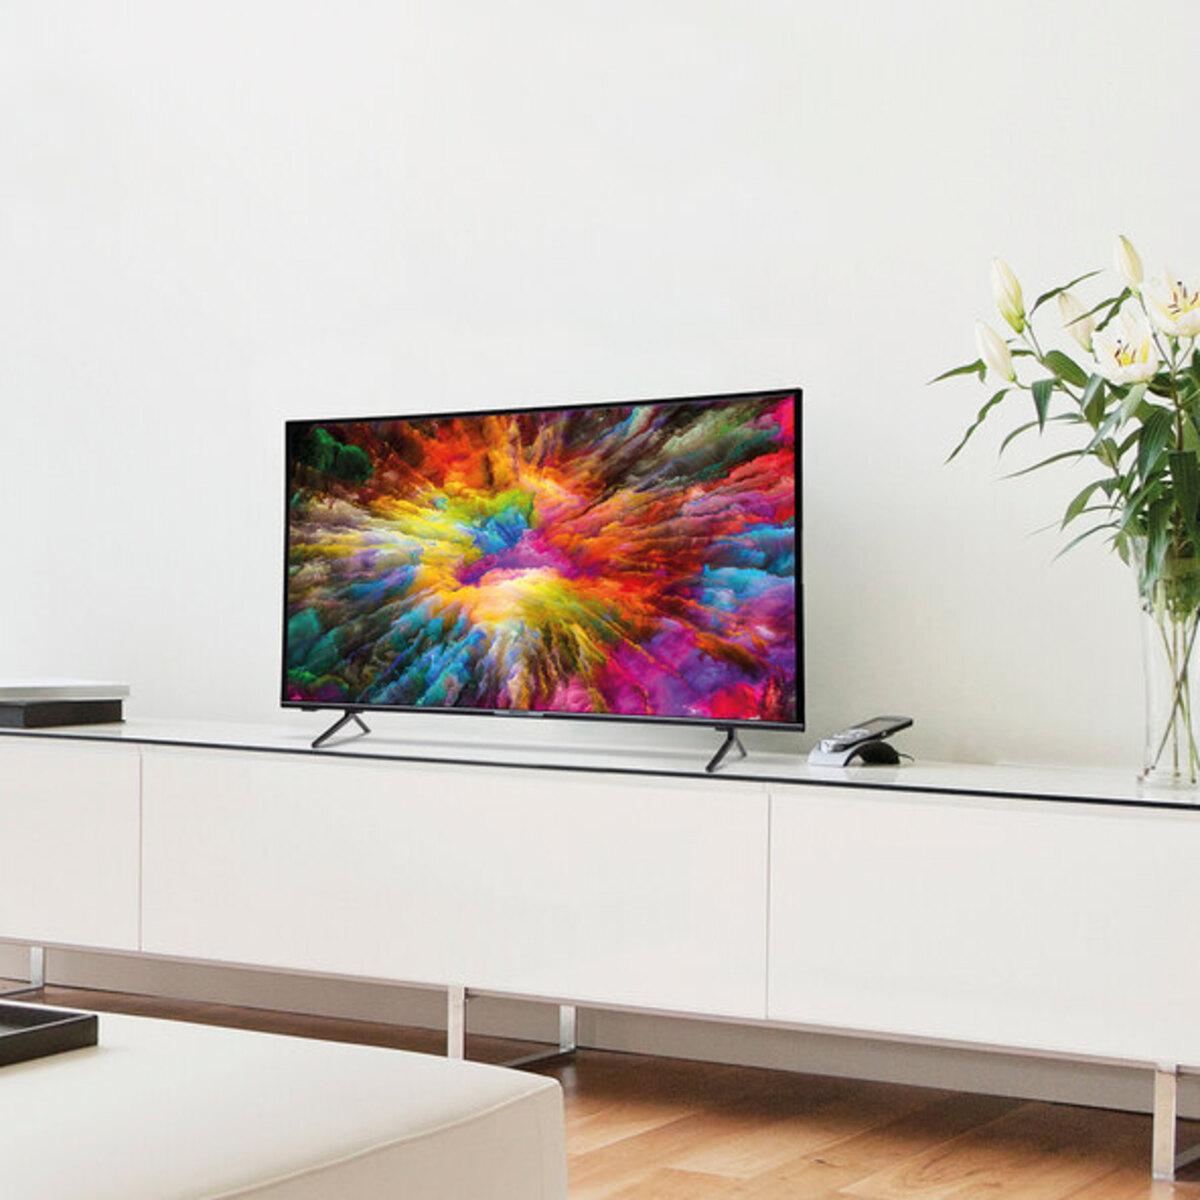 Bild 1 von UHD Smart-TV MEDION® LIFE® X16500 (MD32065)